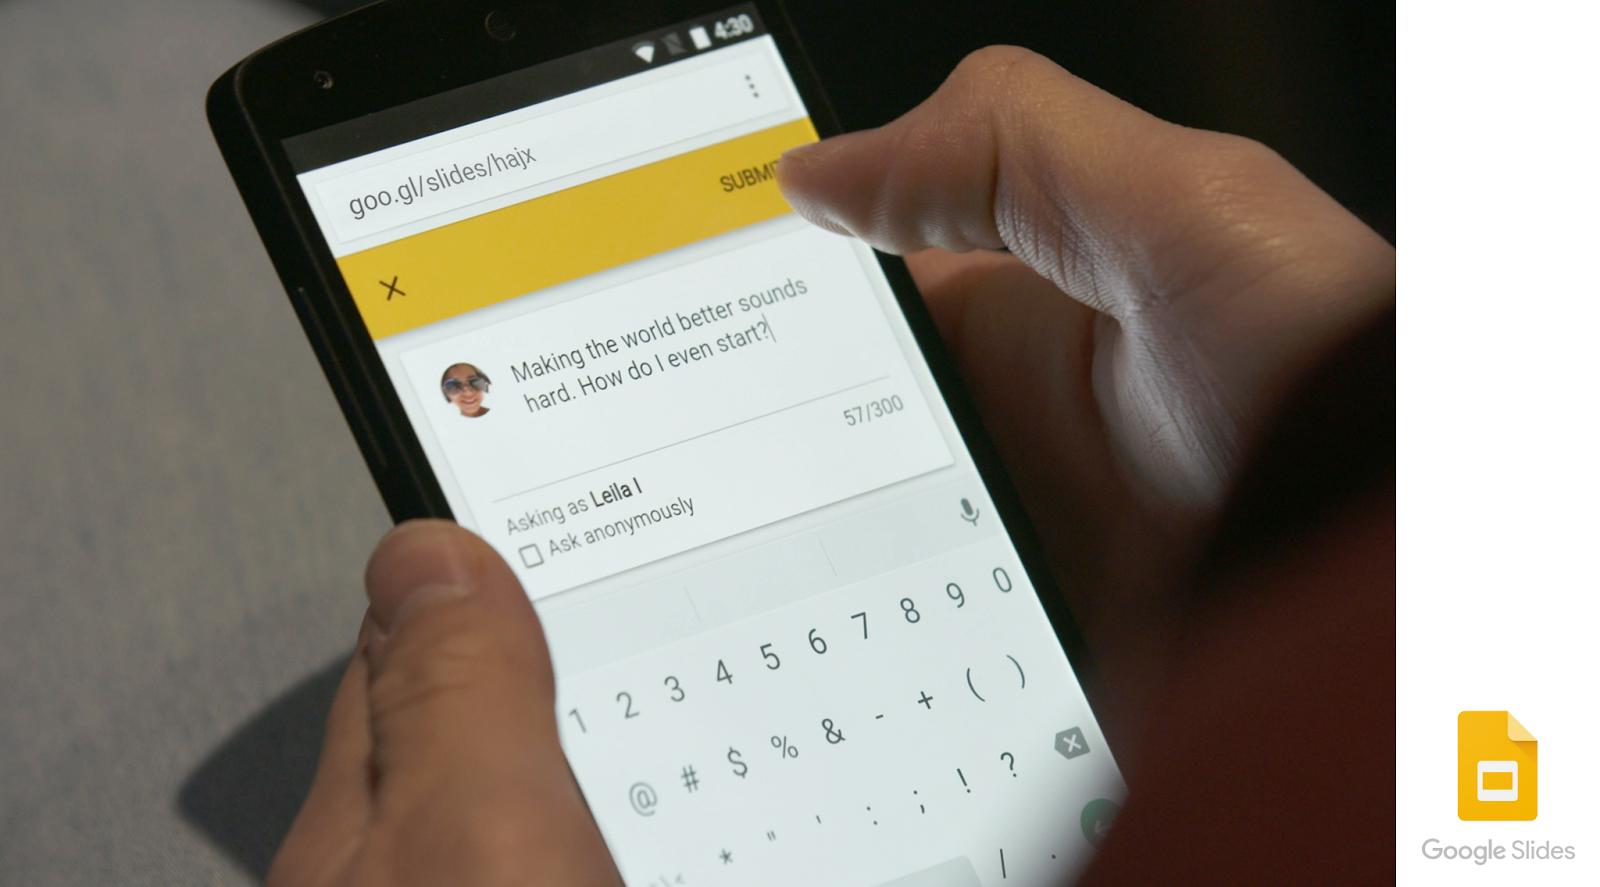 تحديث تطبيق Google Slides يجلب معه ميزة الأسئلة والأجوبة في الوقت الحقيقي